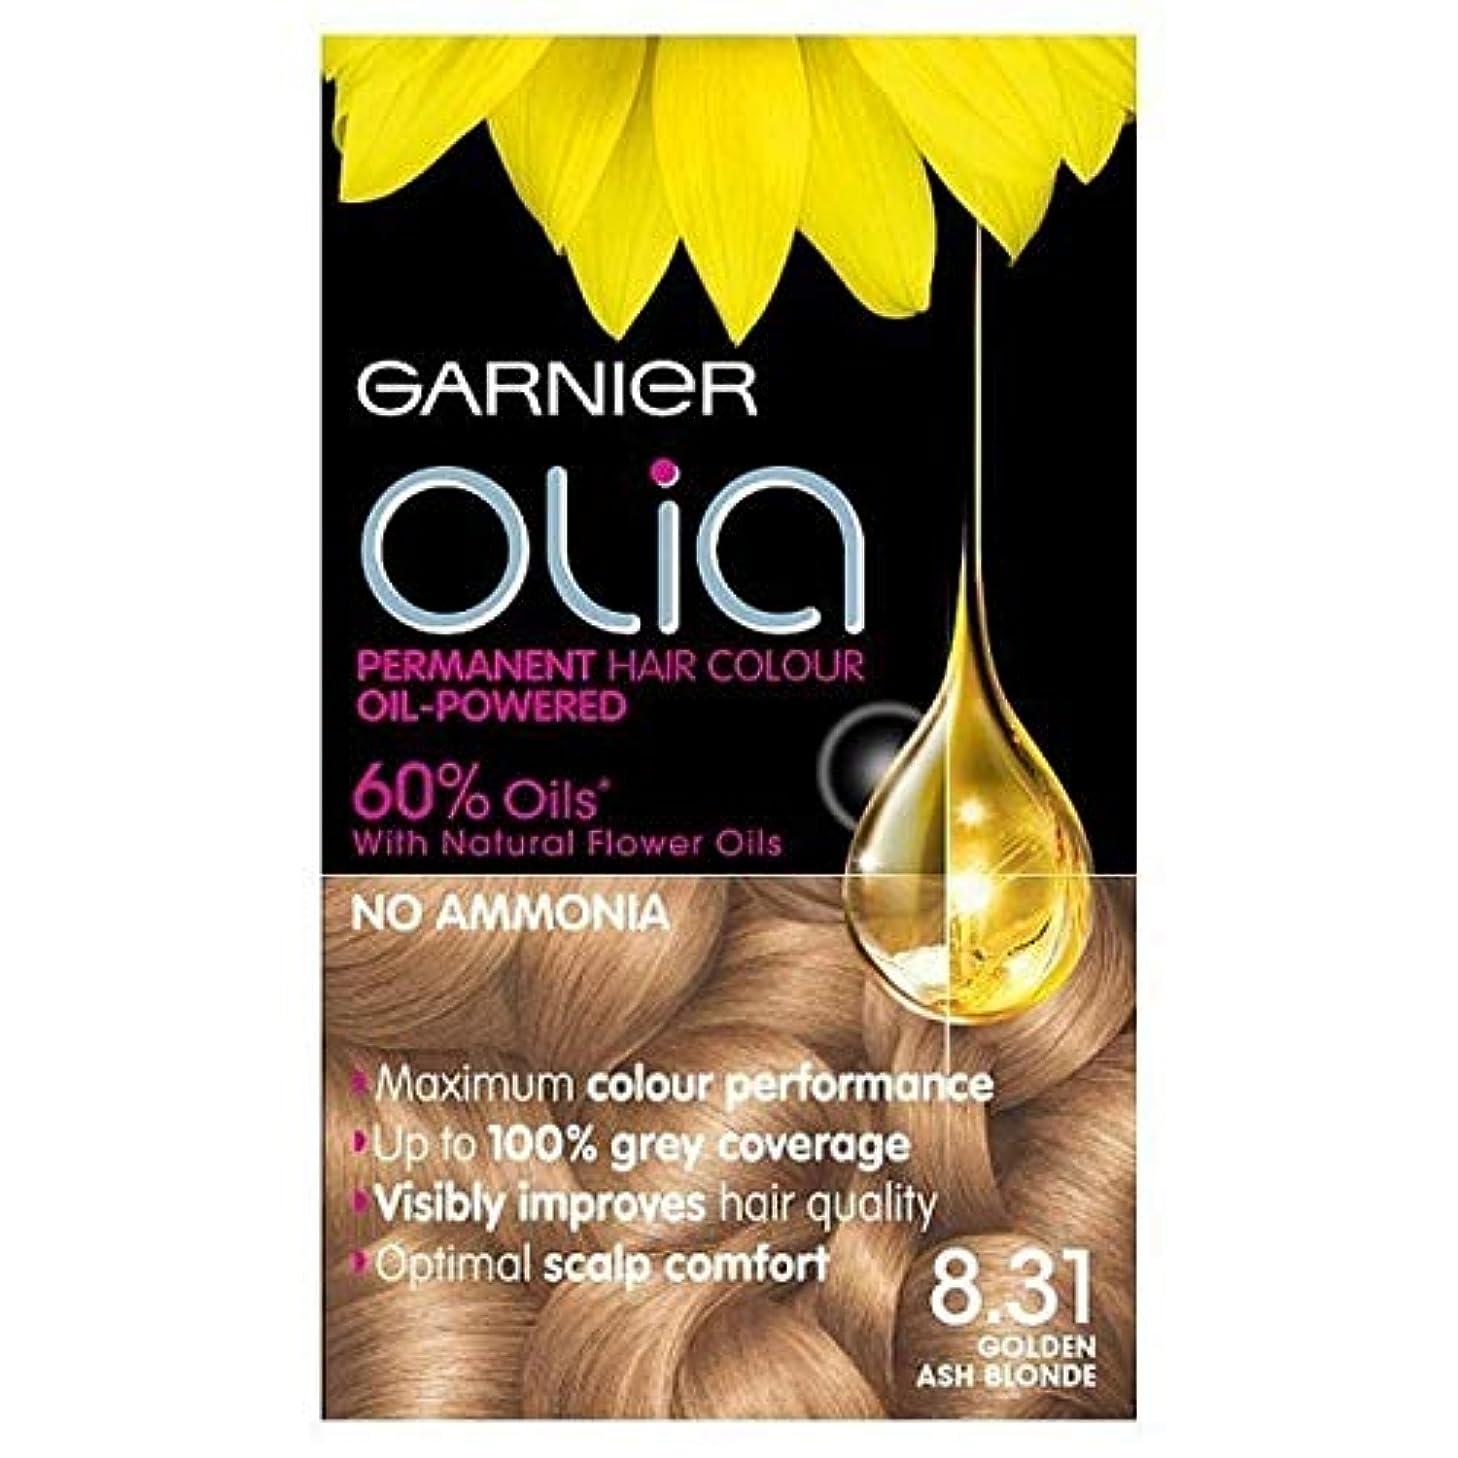 手配するパトワみすぼらしい[Garnier ] 永久染毛剤黄金の灰Oliaガルニエブロンド8.31 - Garnier Olia Permanent Hair Dye Golden Ash Blonde 8.31 [並行輸入品]